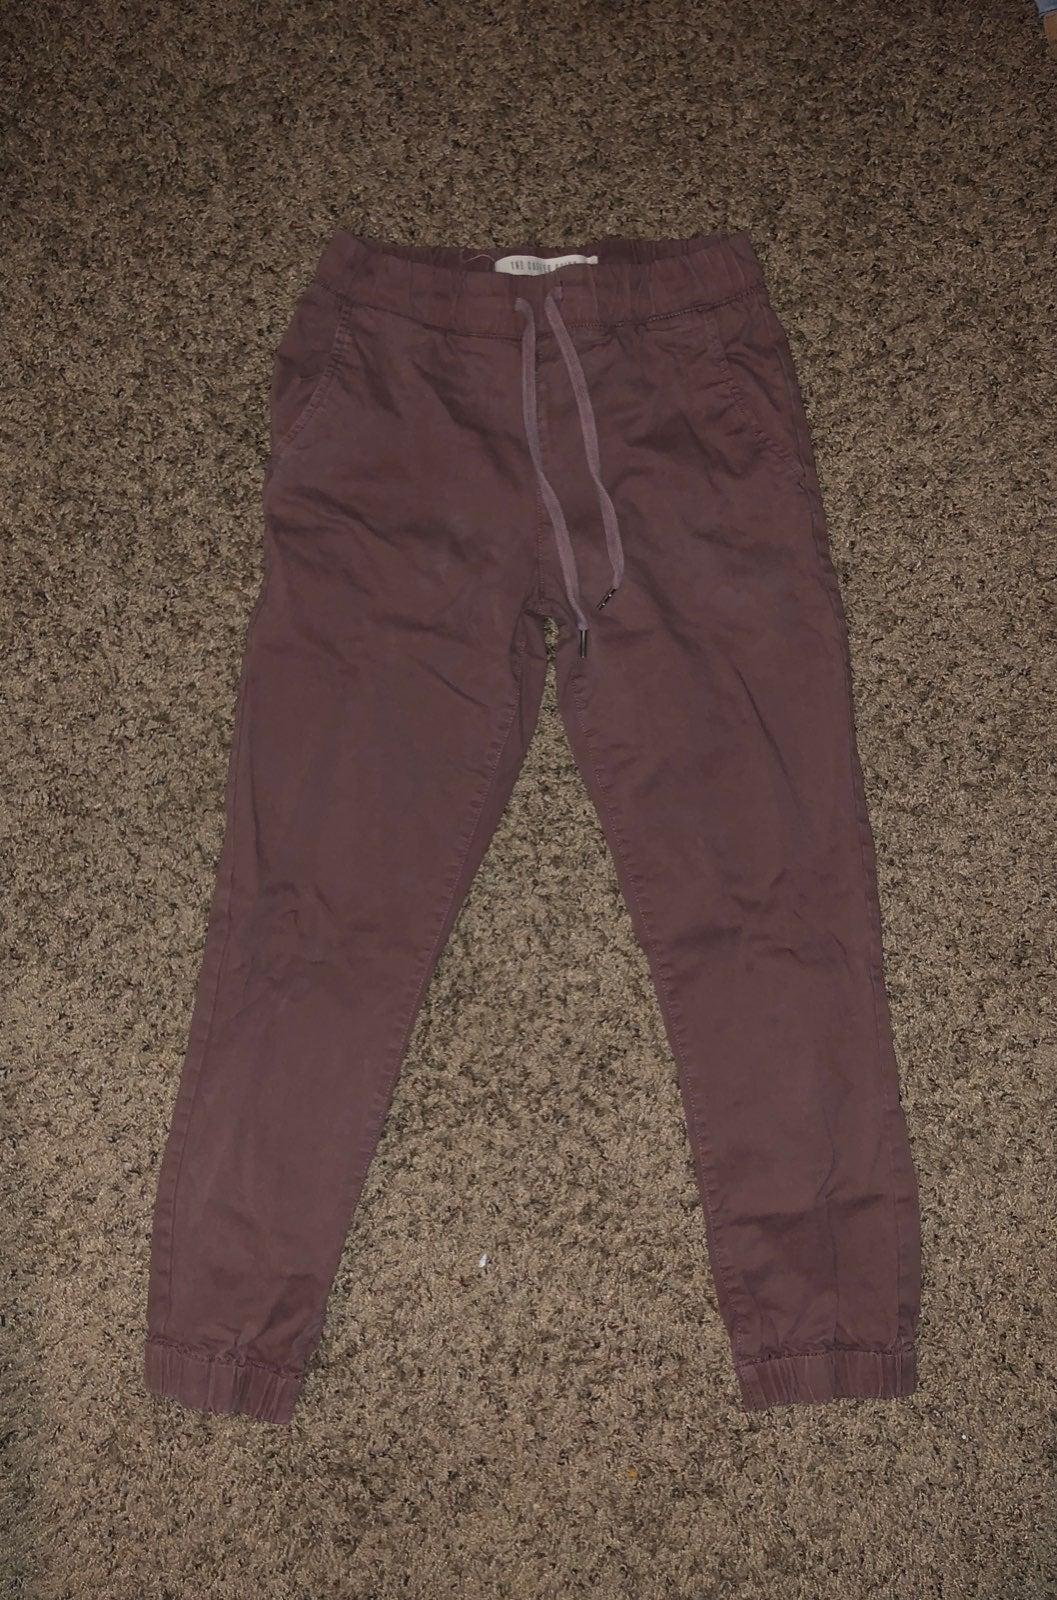 Women's Cuffed Chino Pants Size 4